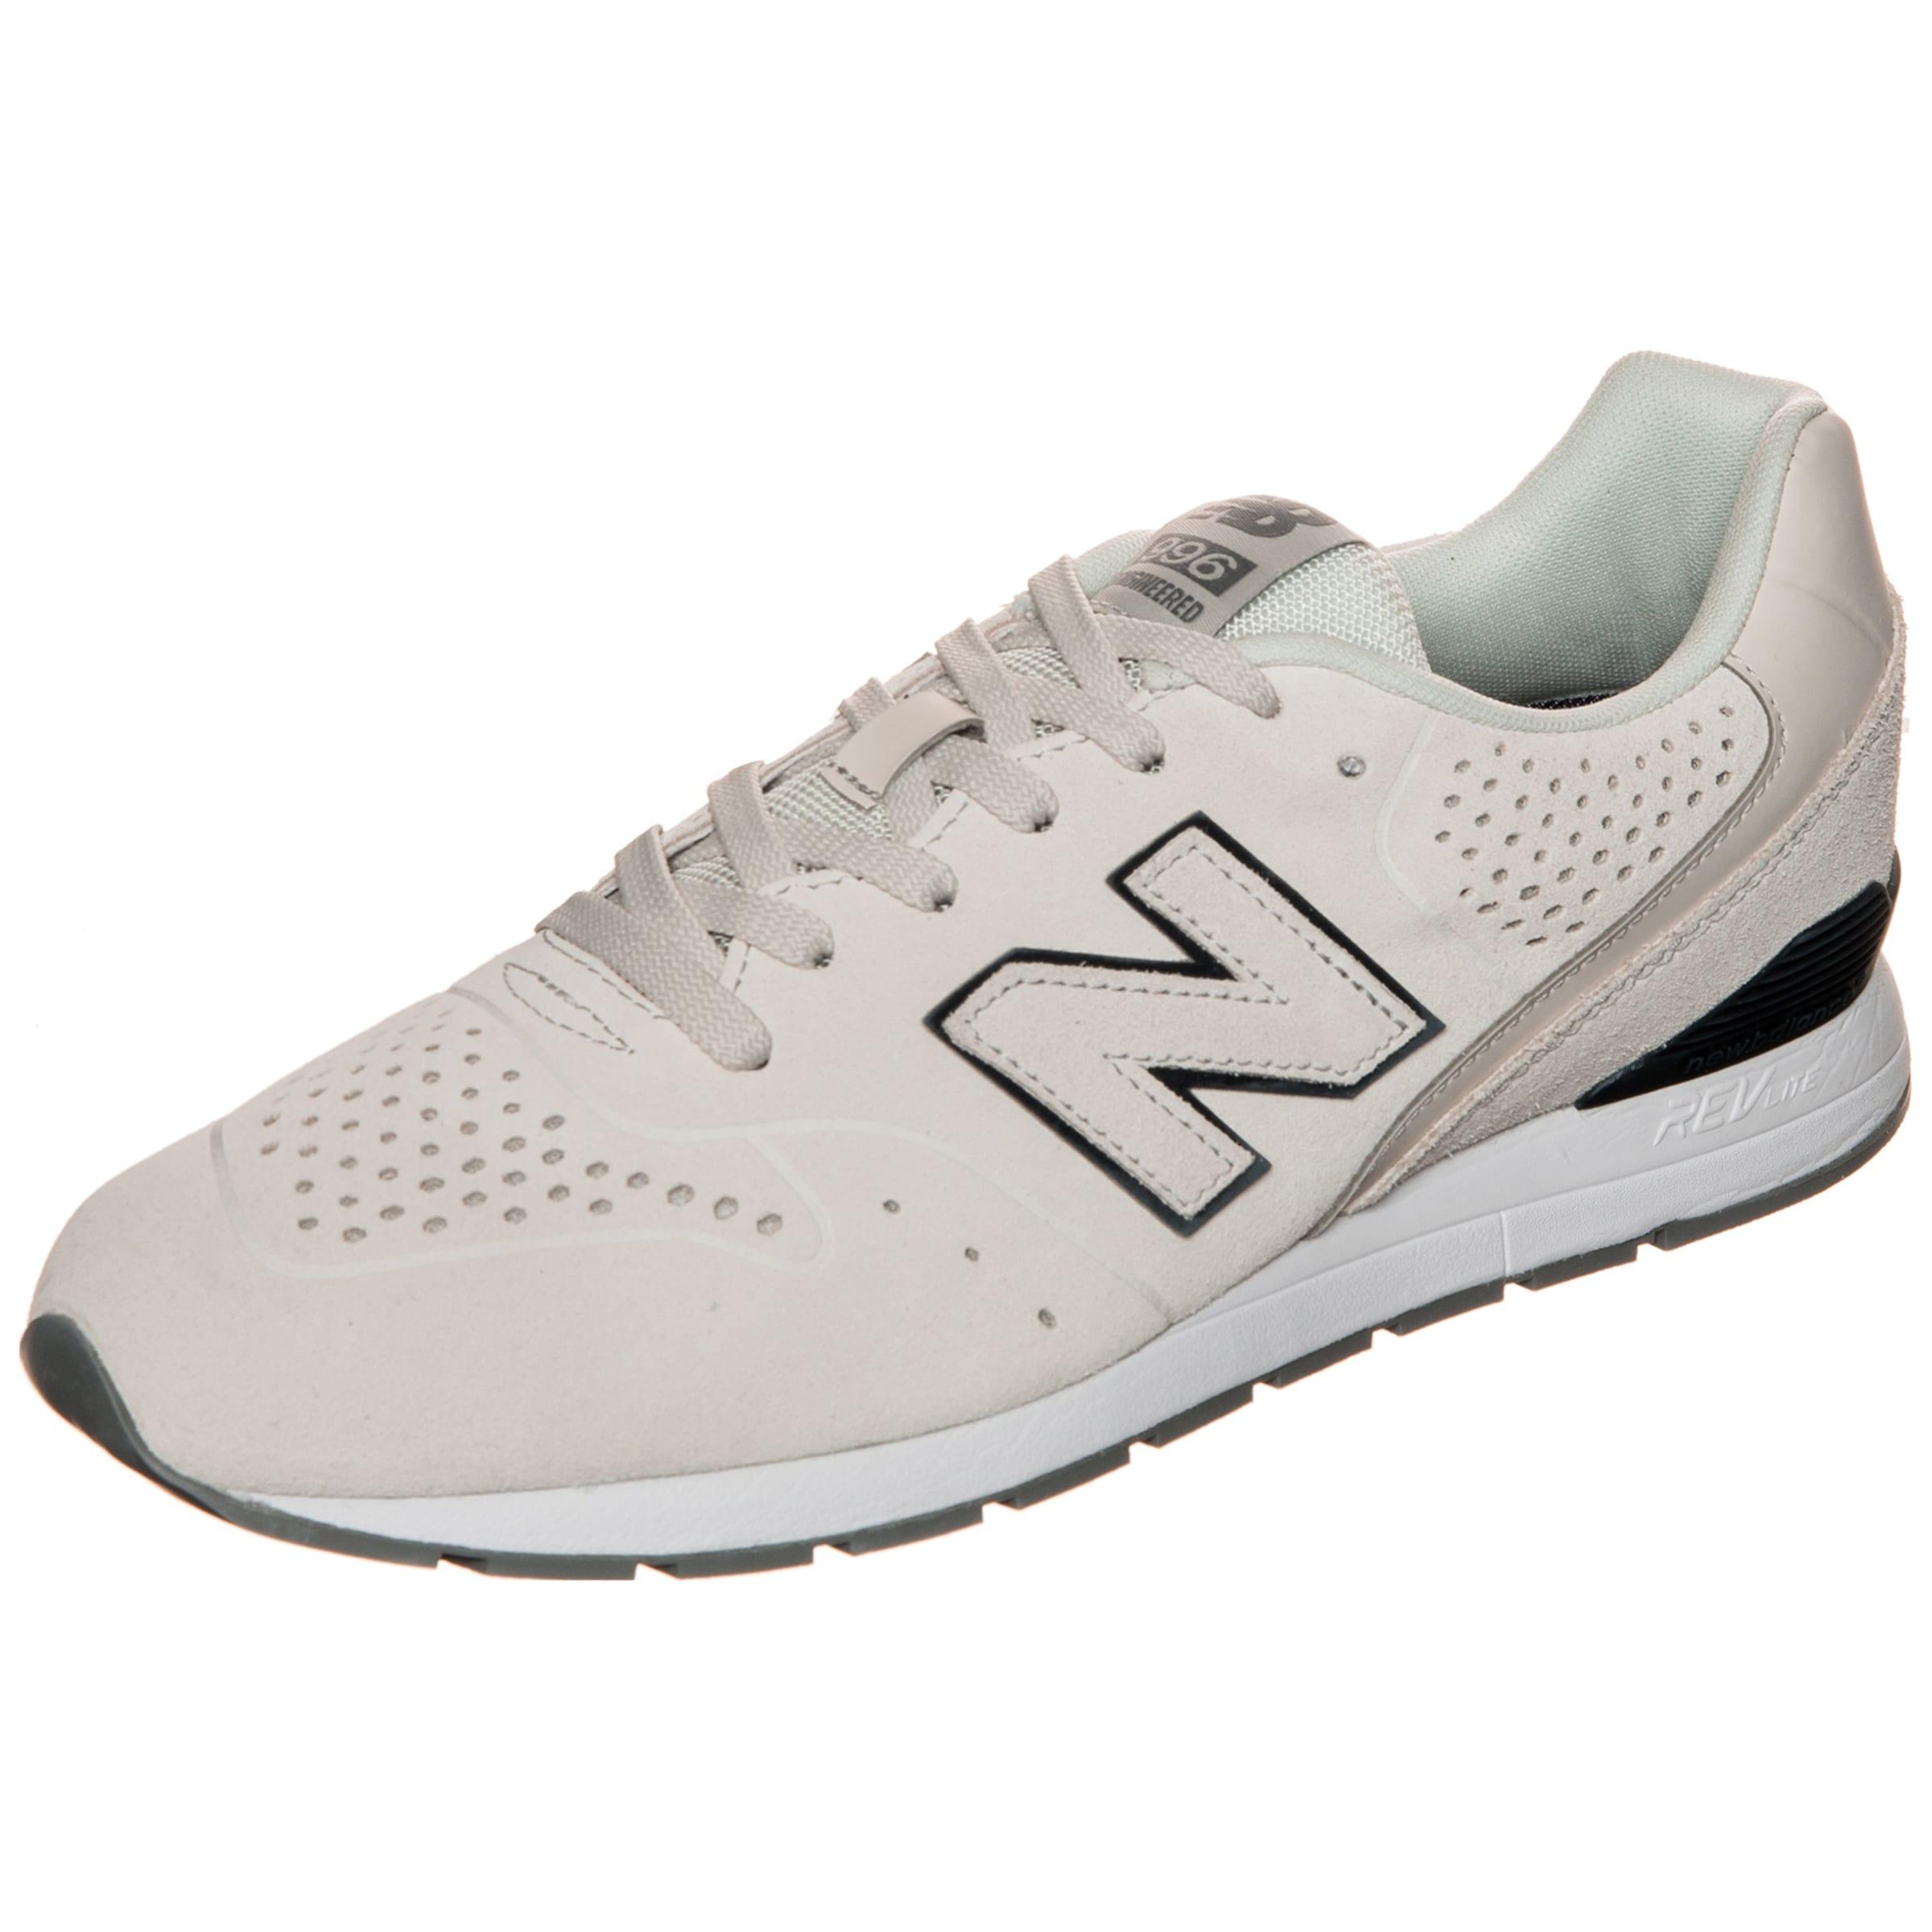 new balance  MRL996-D1-D  Sneaker Herren